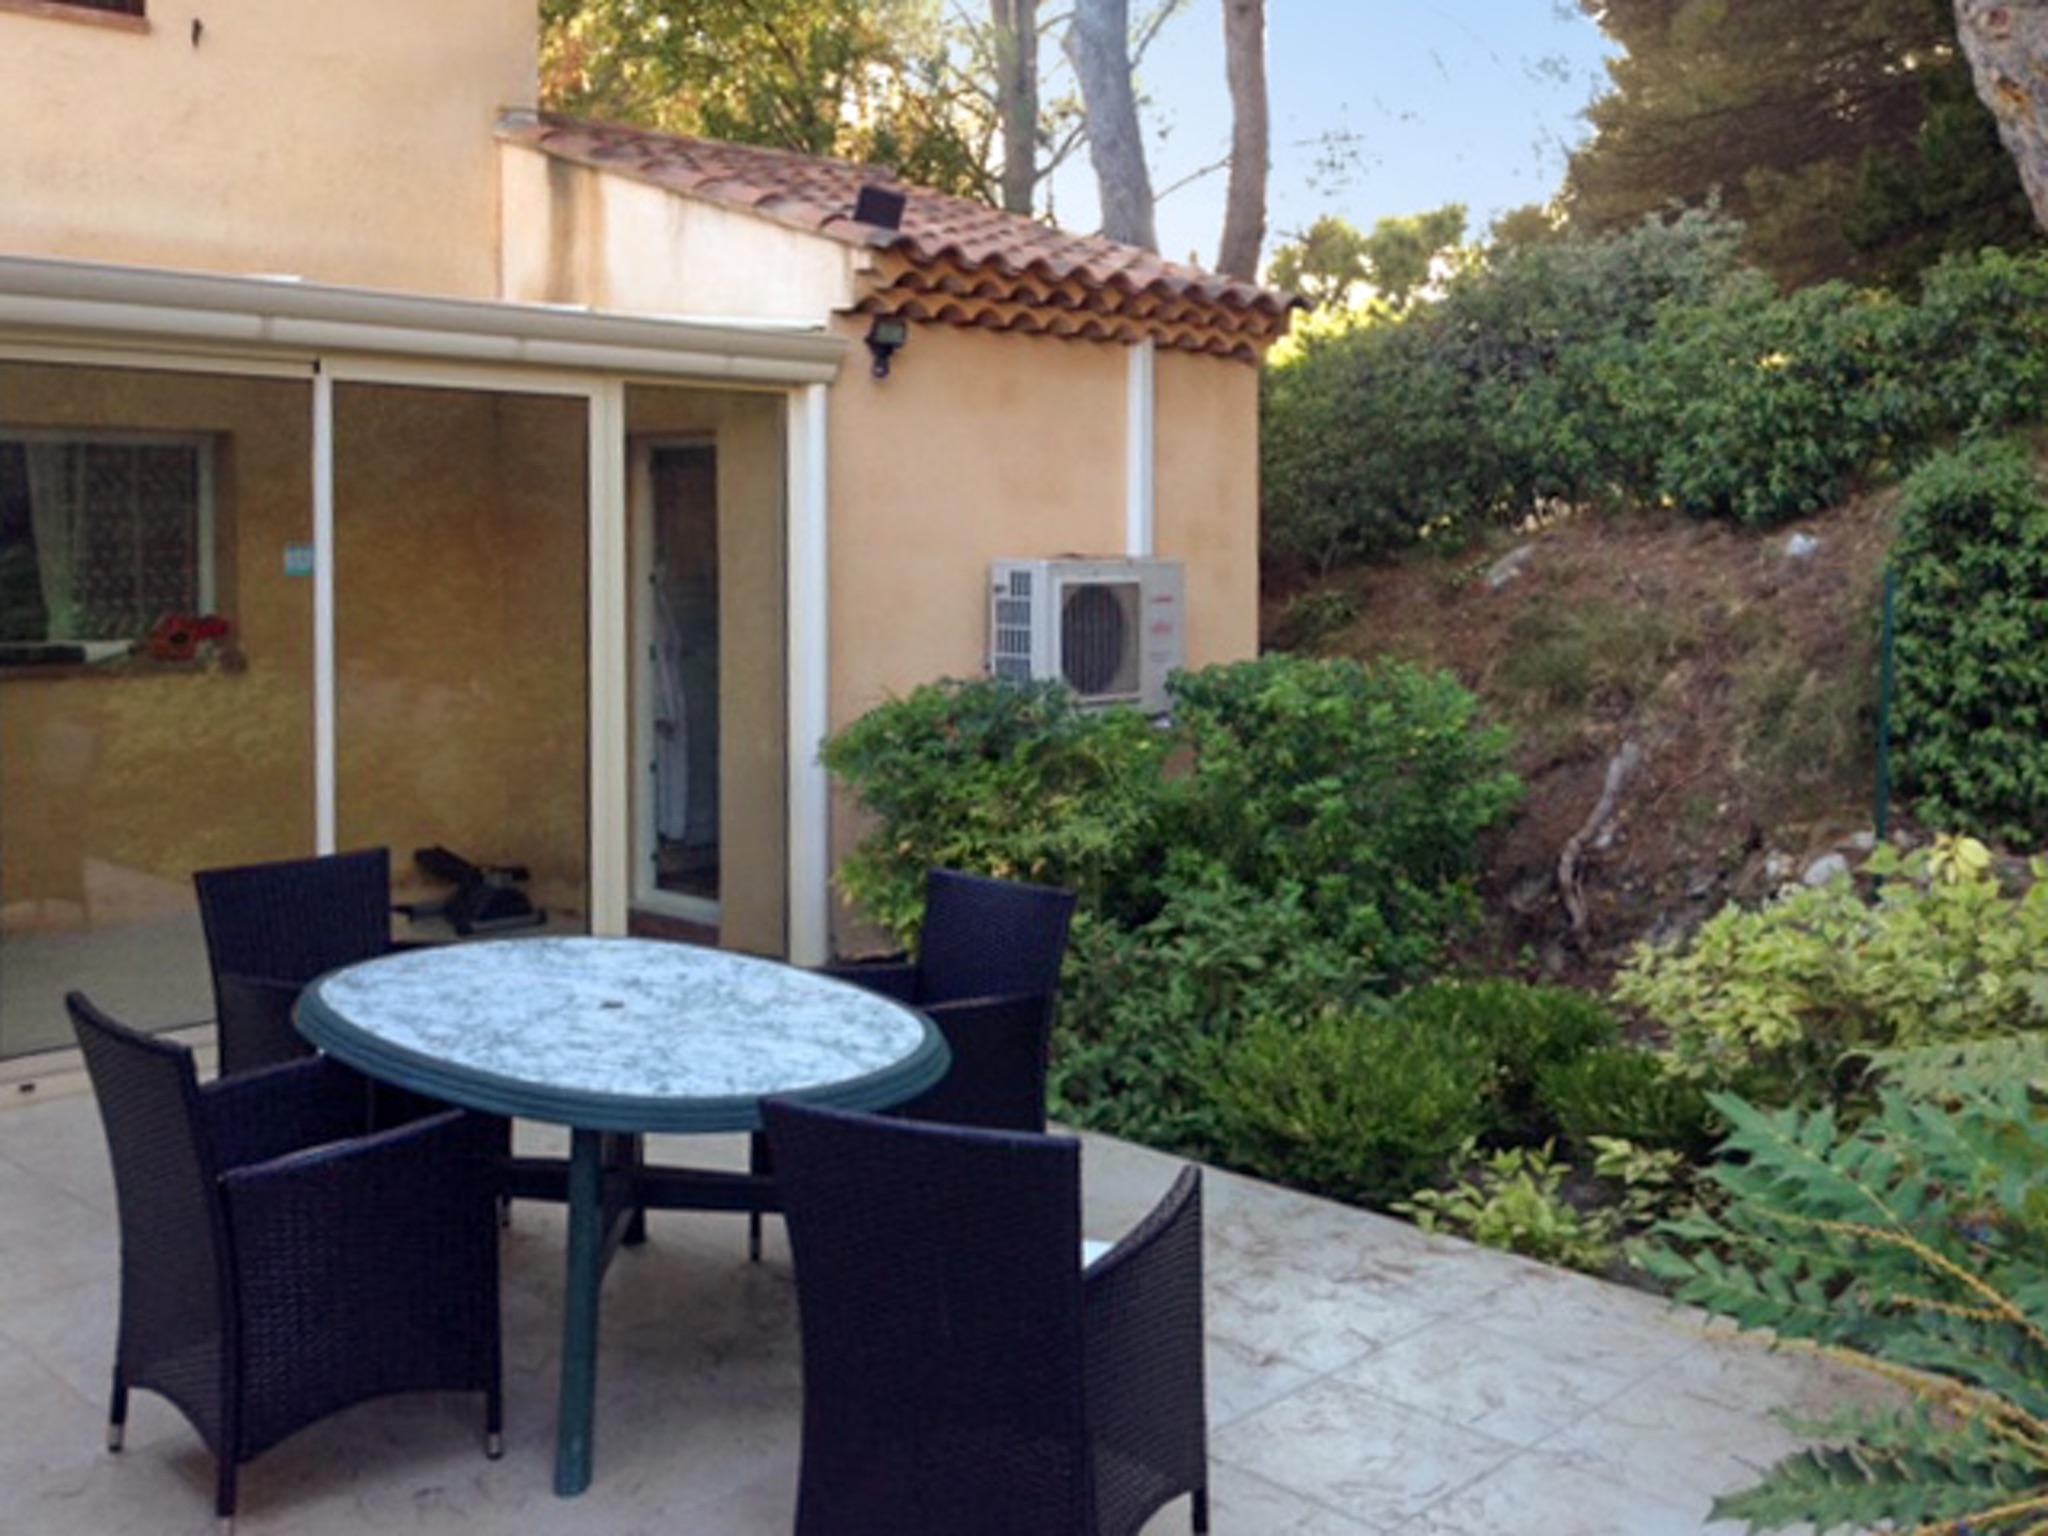 Ferienhaus Haus mit drei Schlafzimmern, Pool, Garten und Terrasse in der Luberon (2201928), Pertuis, Vaucluse, Provence - Alpen - Côte d'Azur, Frankreich, Bild 21